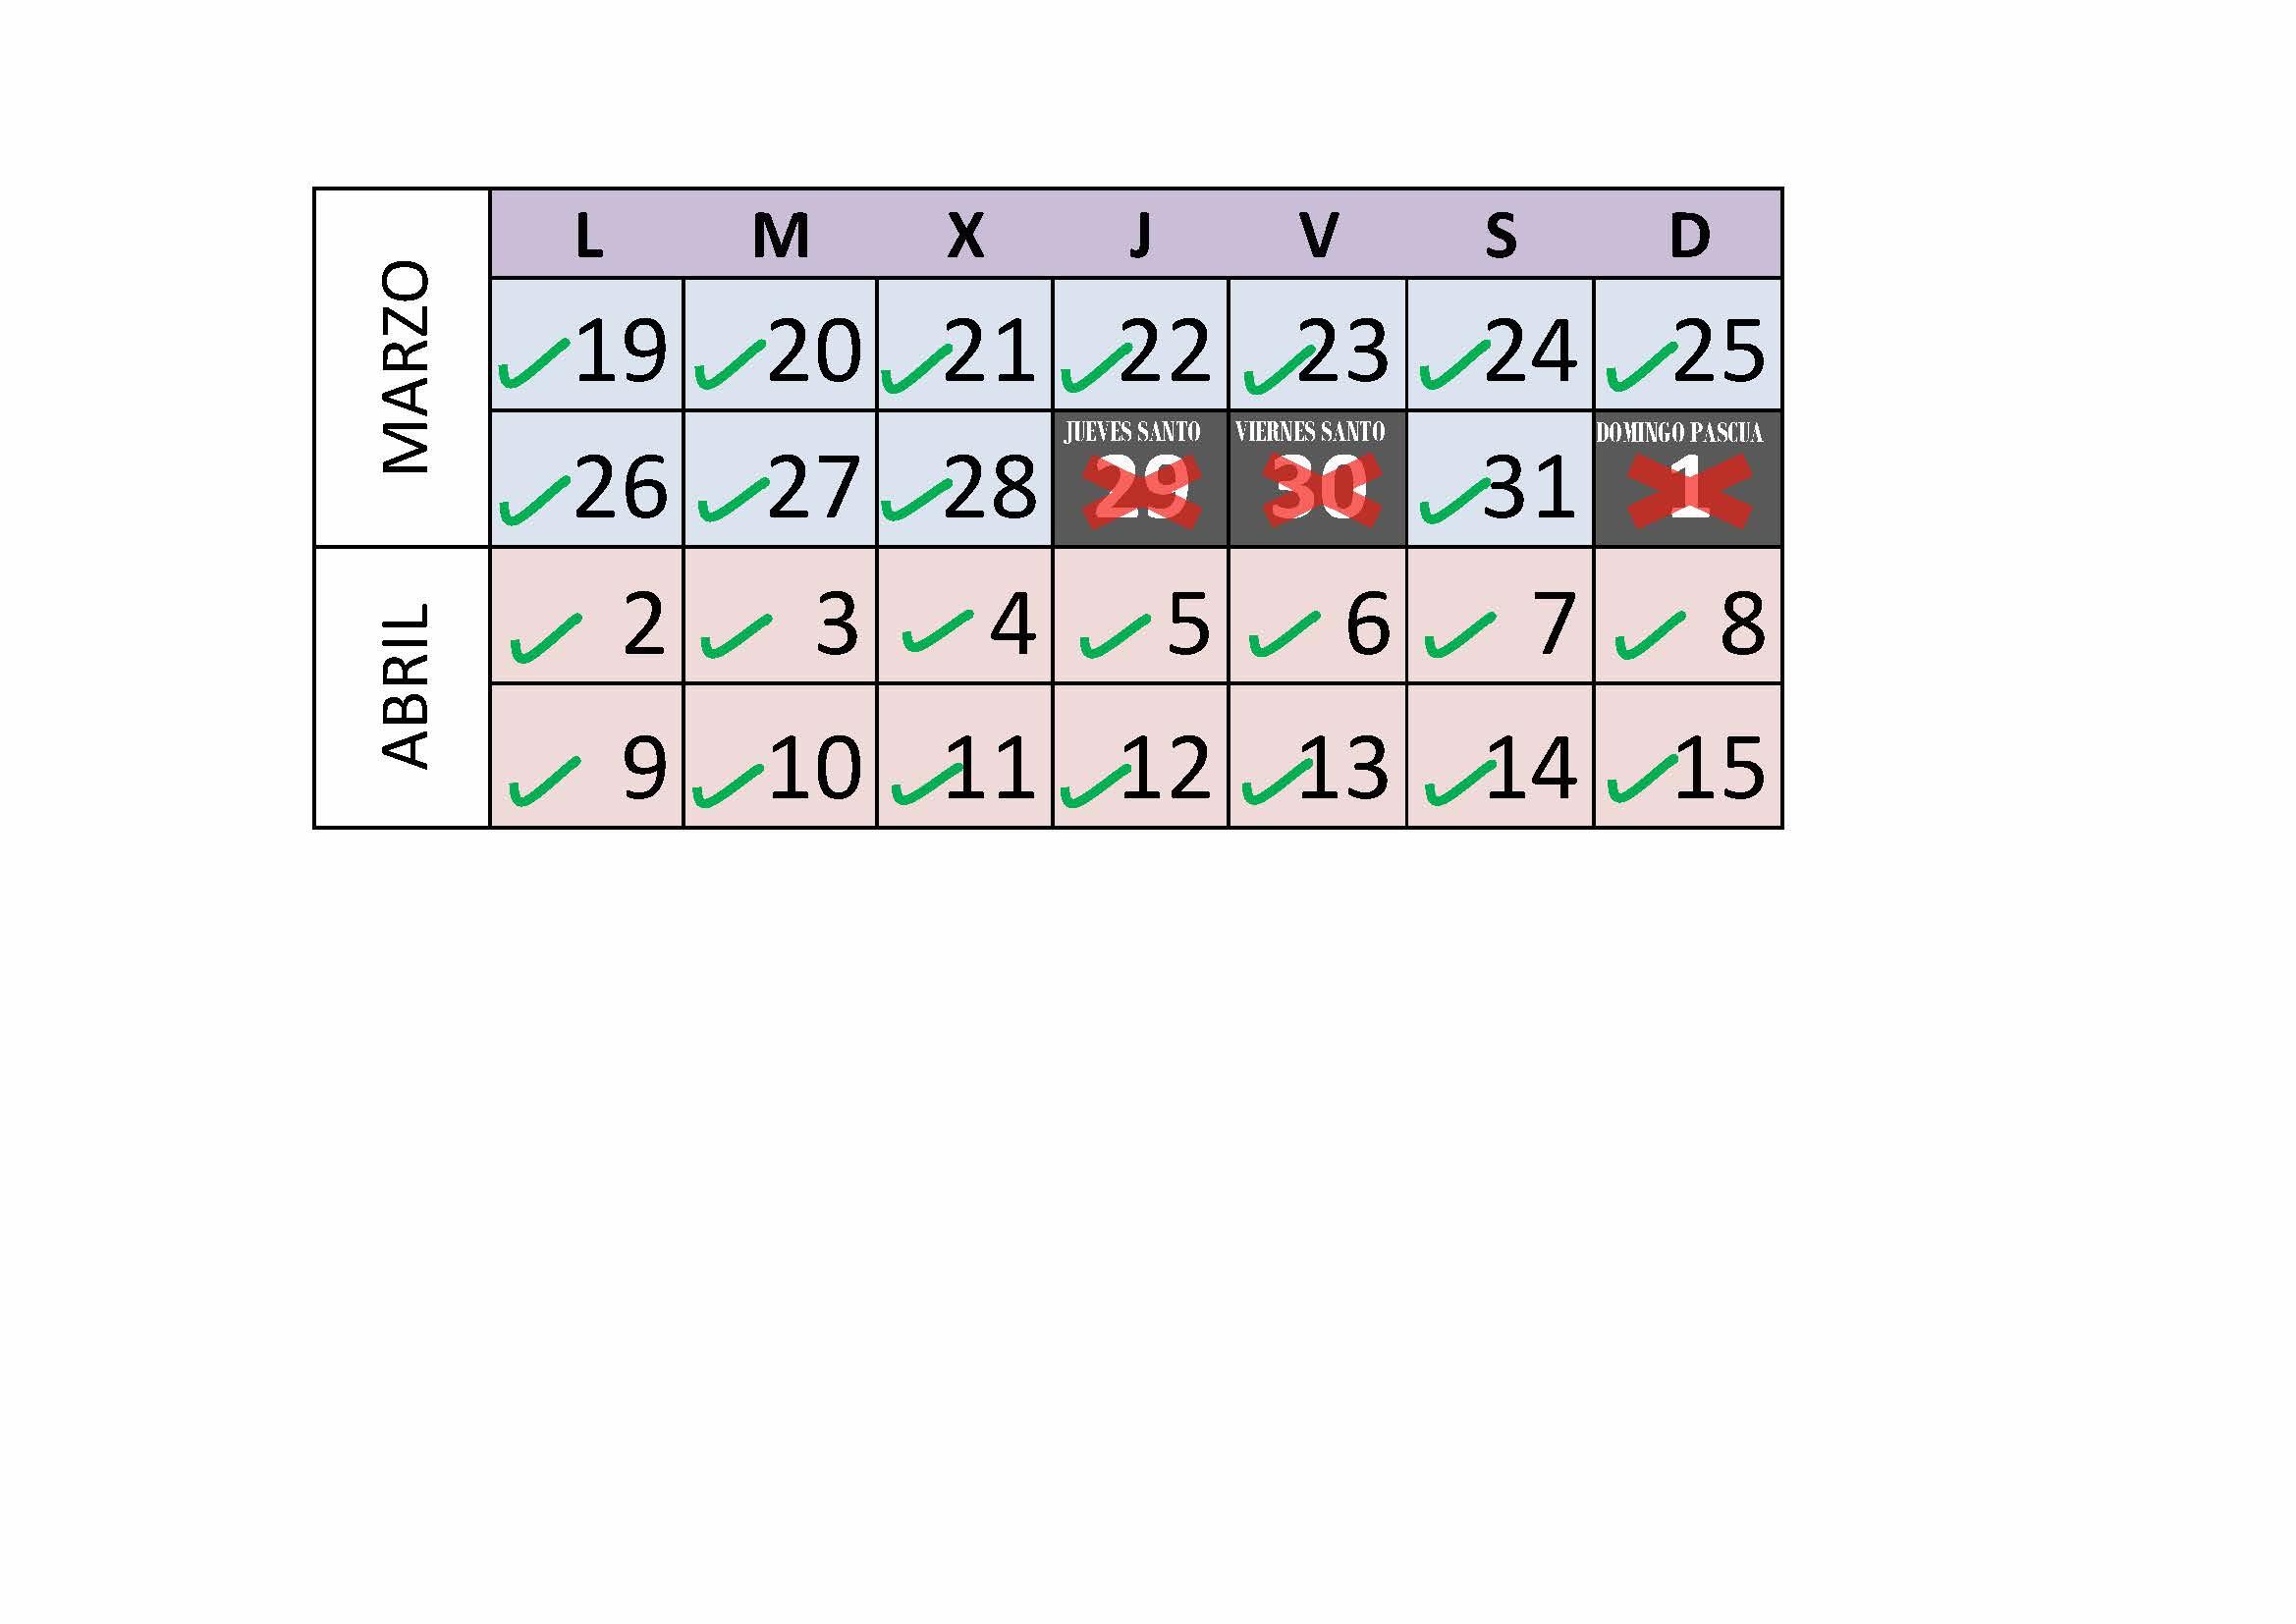 Semana Calendario.Calendario Apertura Centro Deportivo Ufv Semana Santa Centro